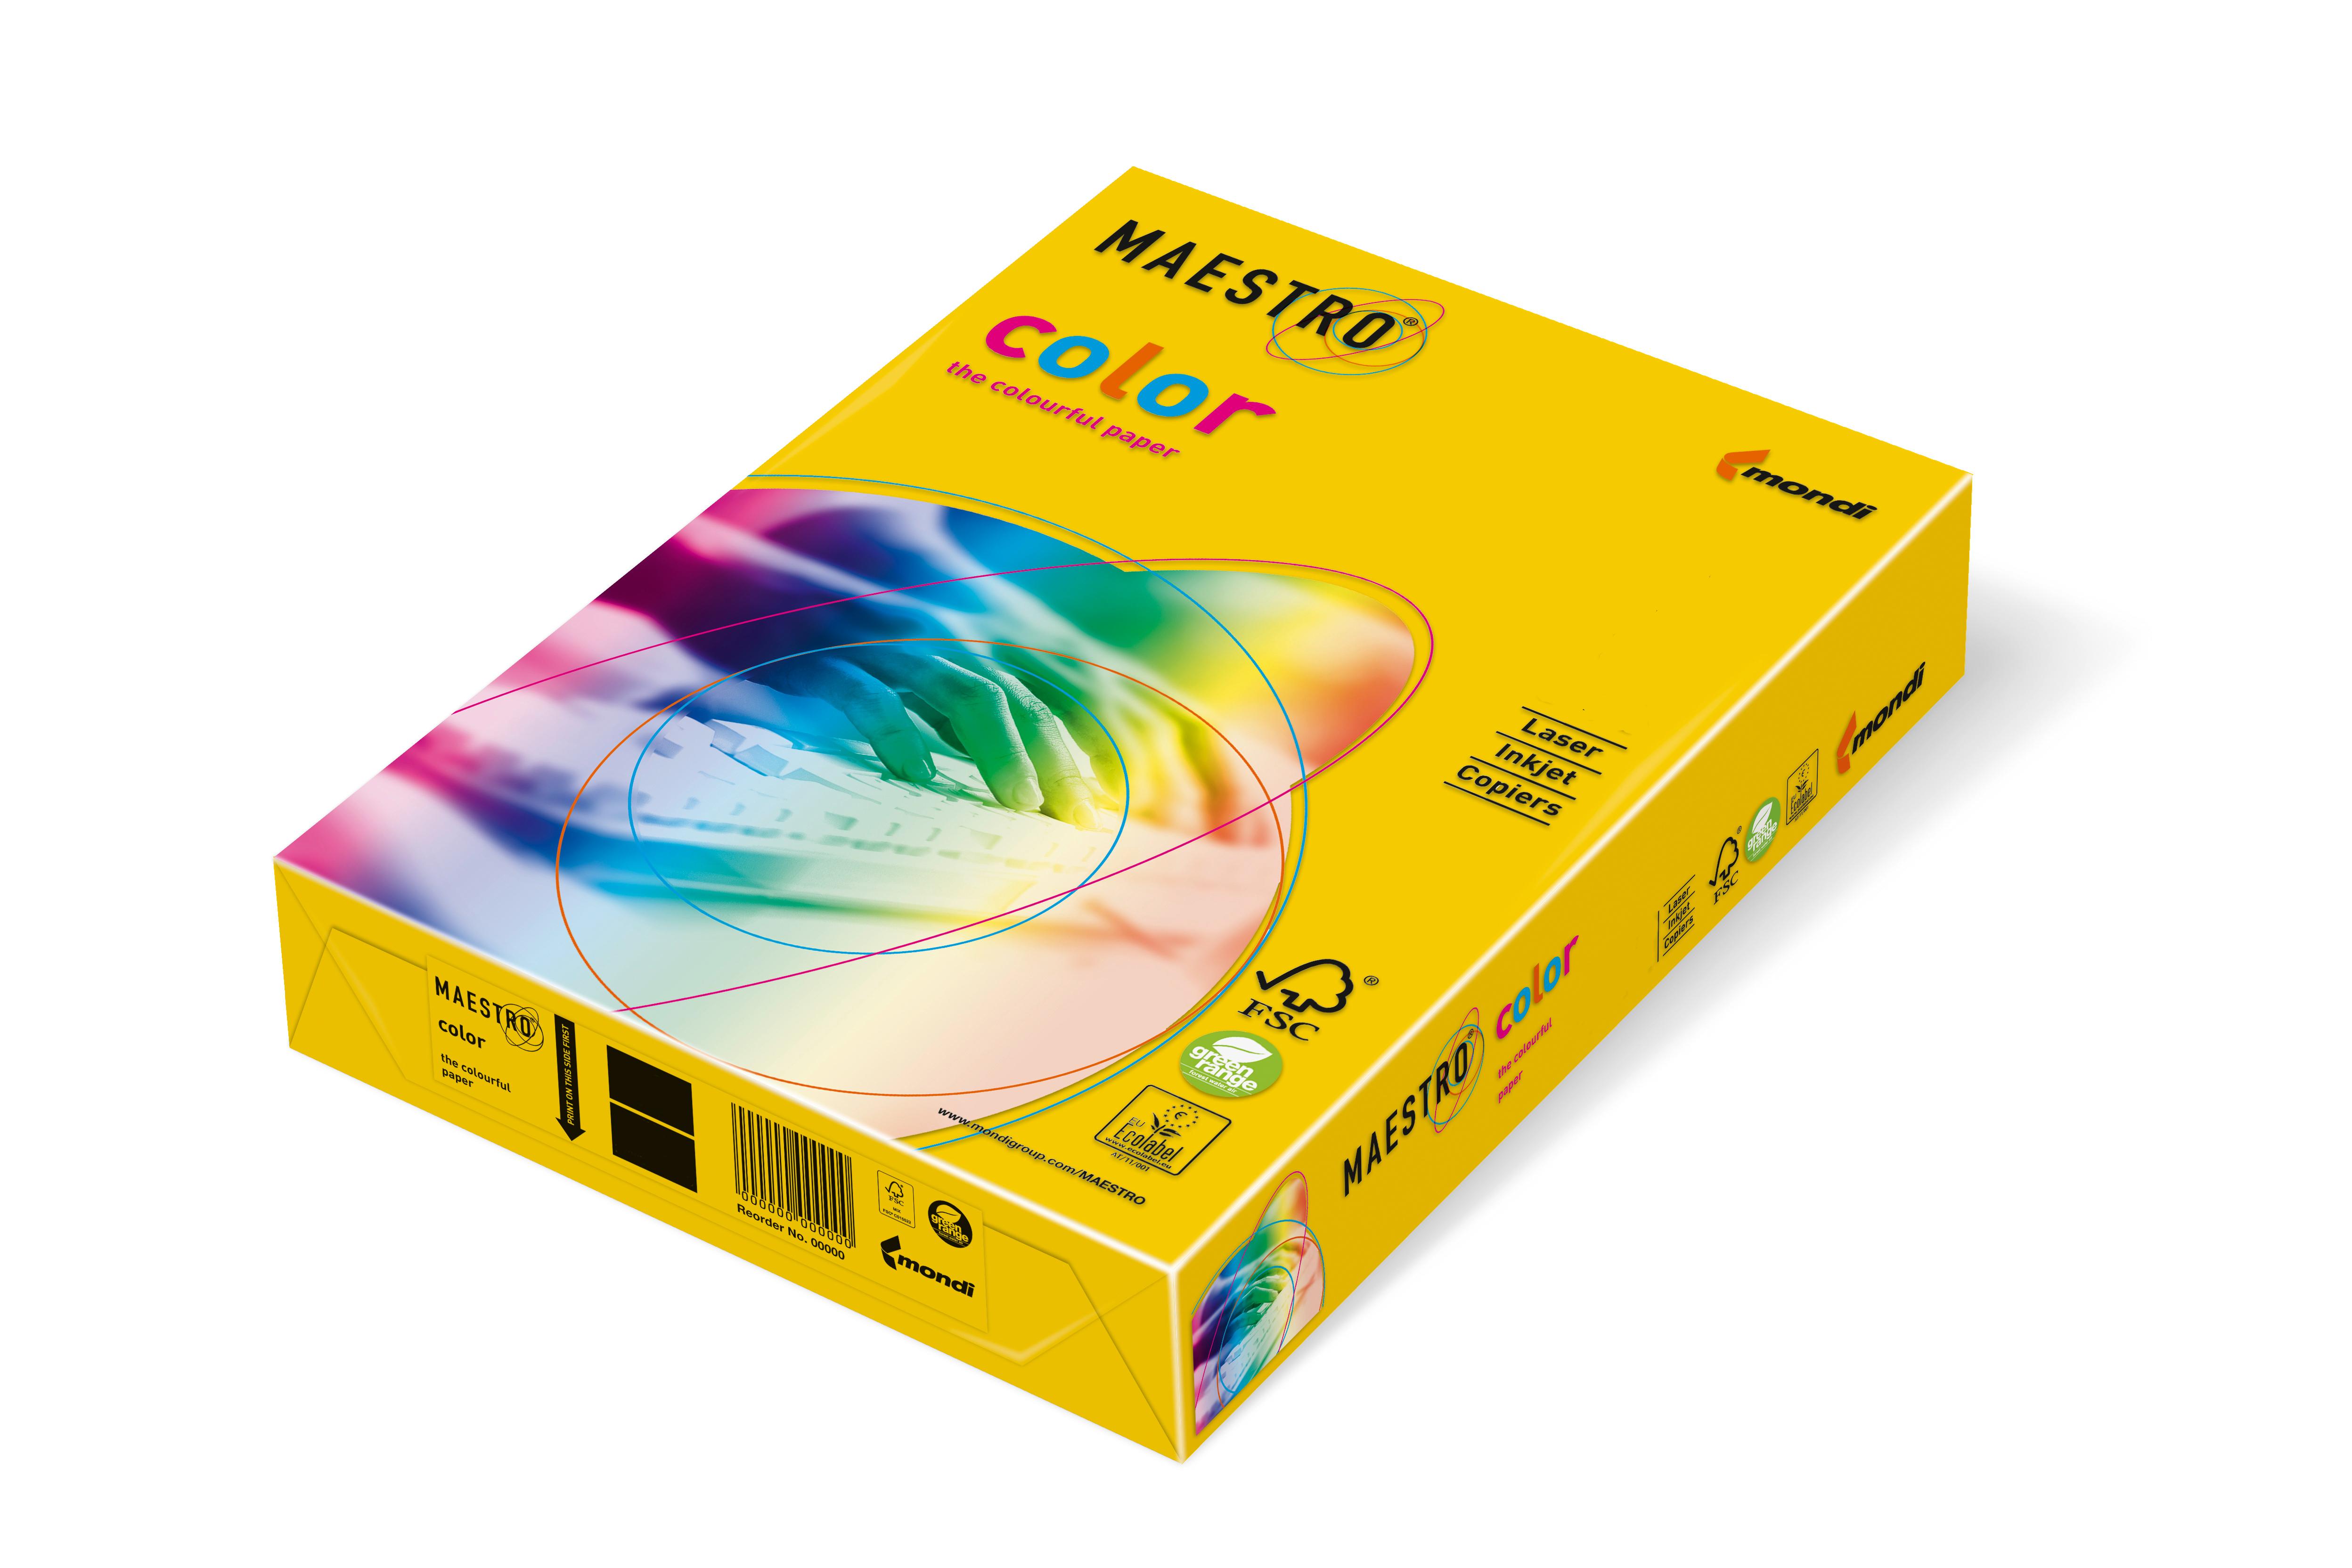 Vorschau: Mondi Maestro Color intensivgelb 80g/m² DIN-A4 - 500 Blatt IG50